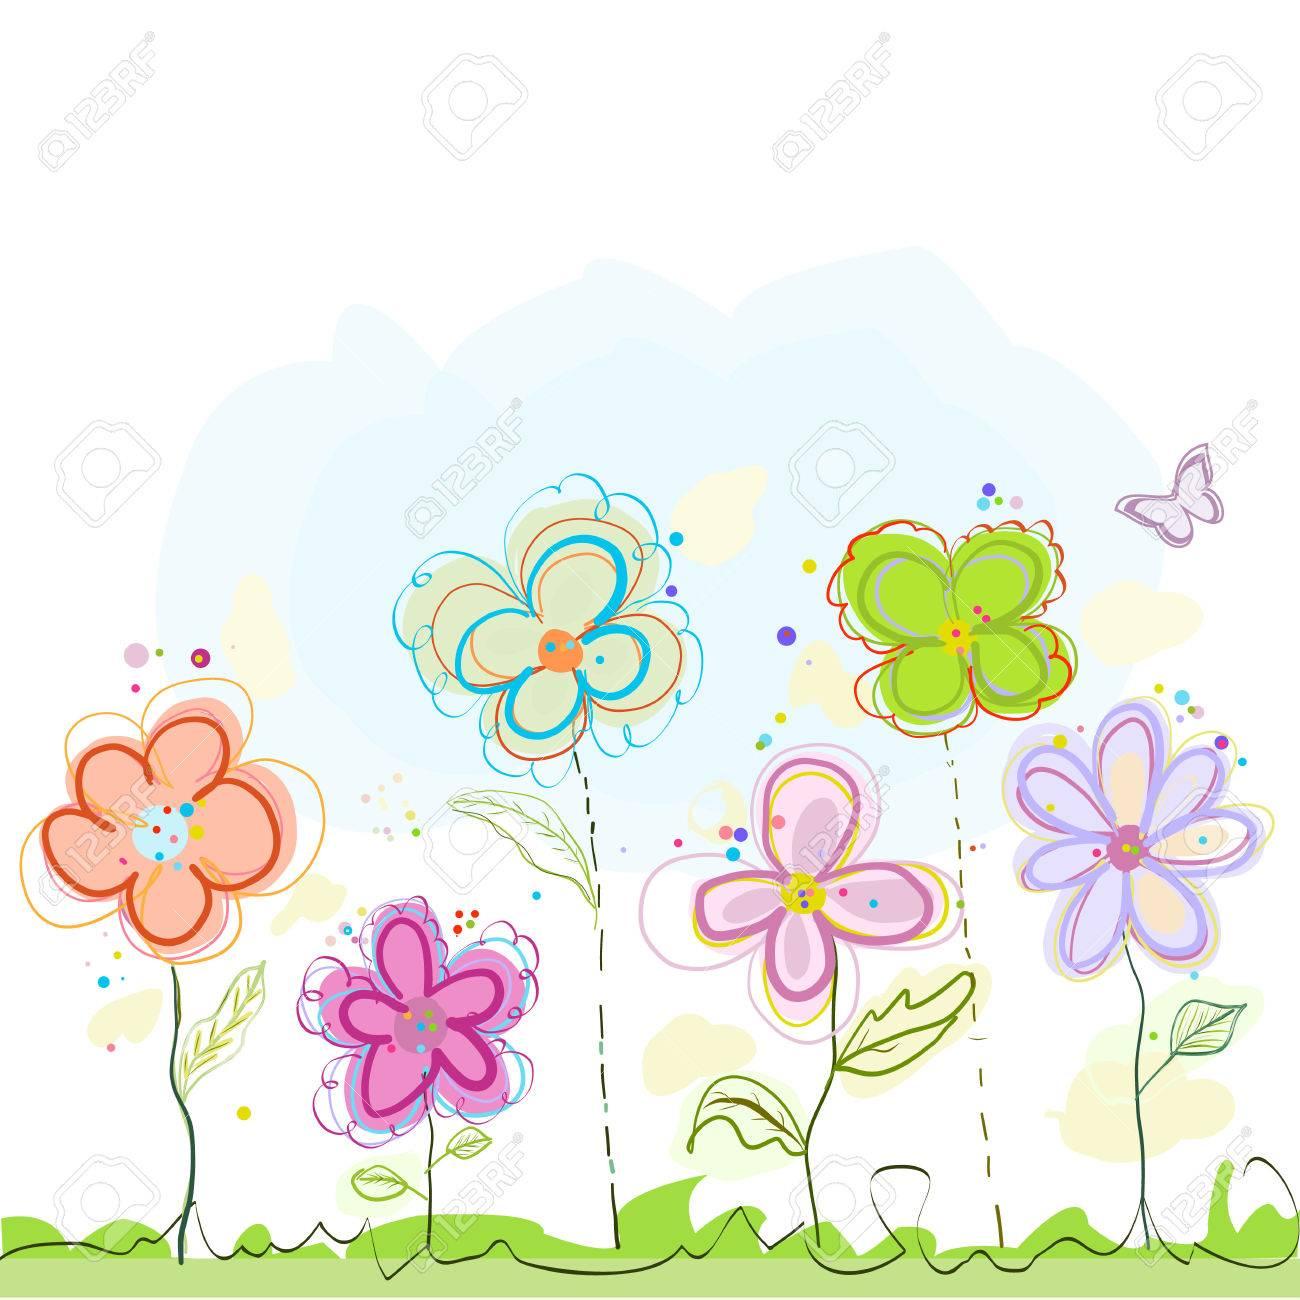 カラフルな春の花イラスト背景のイラスト素材ベクタ Image 78927264